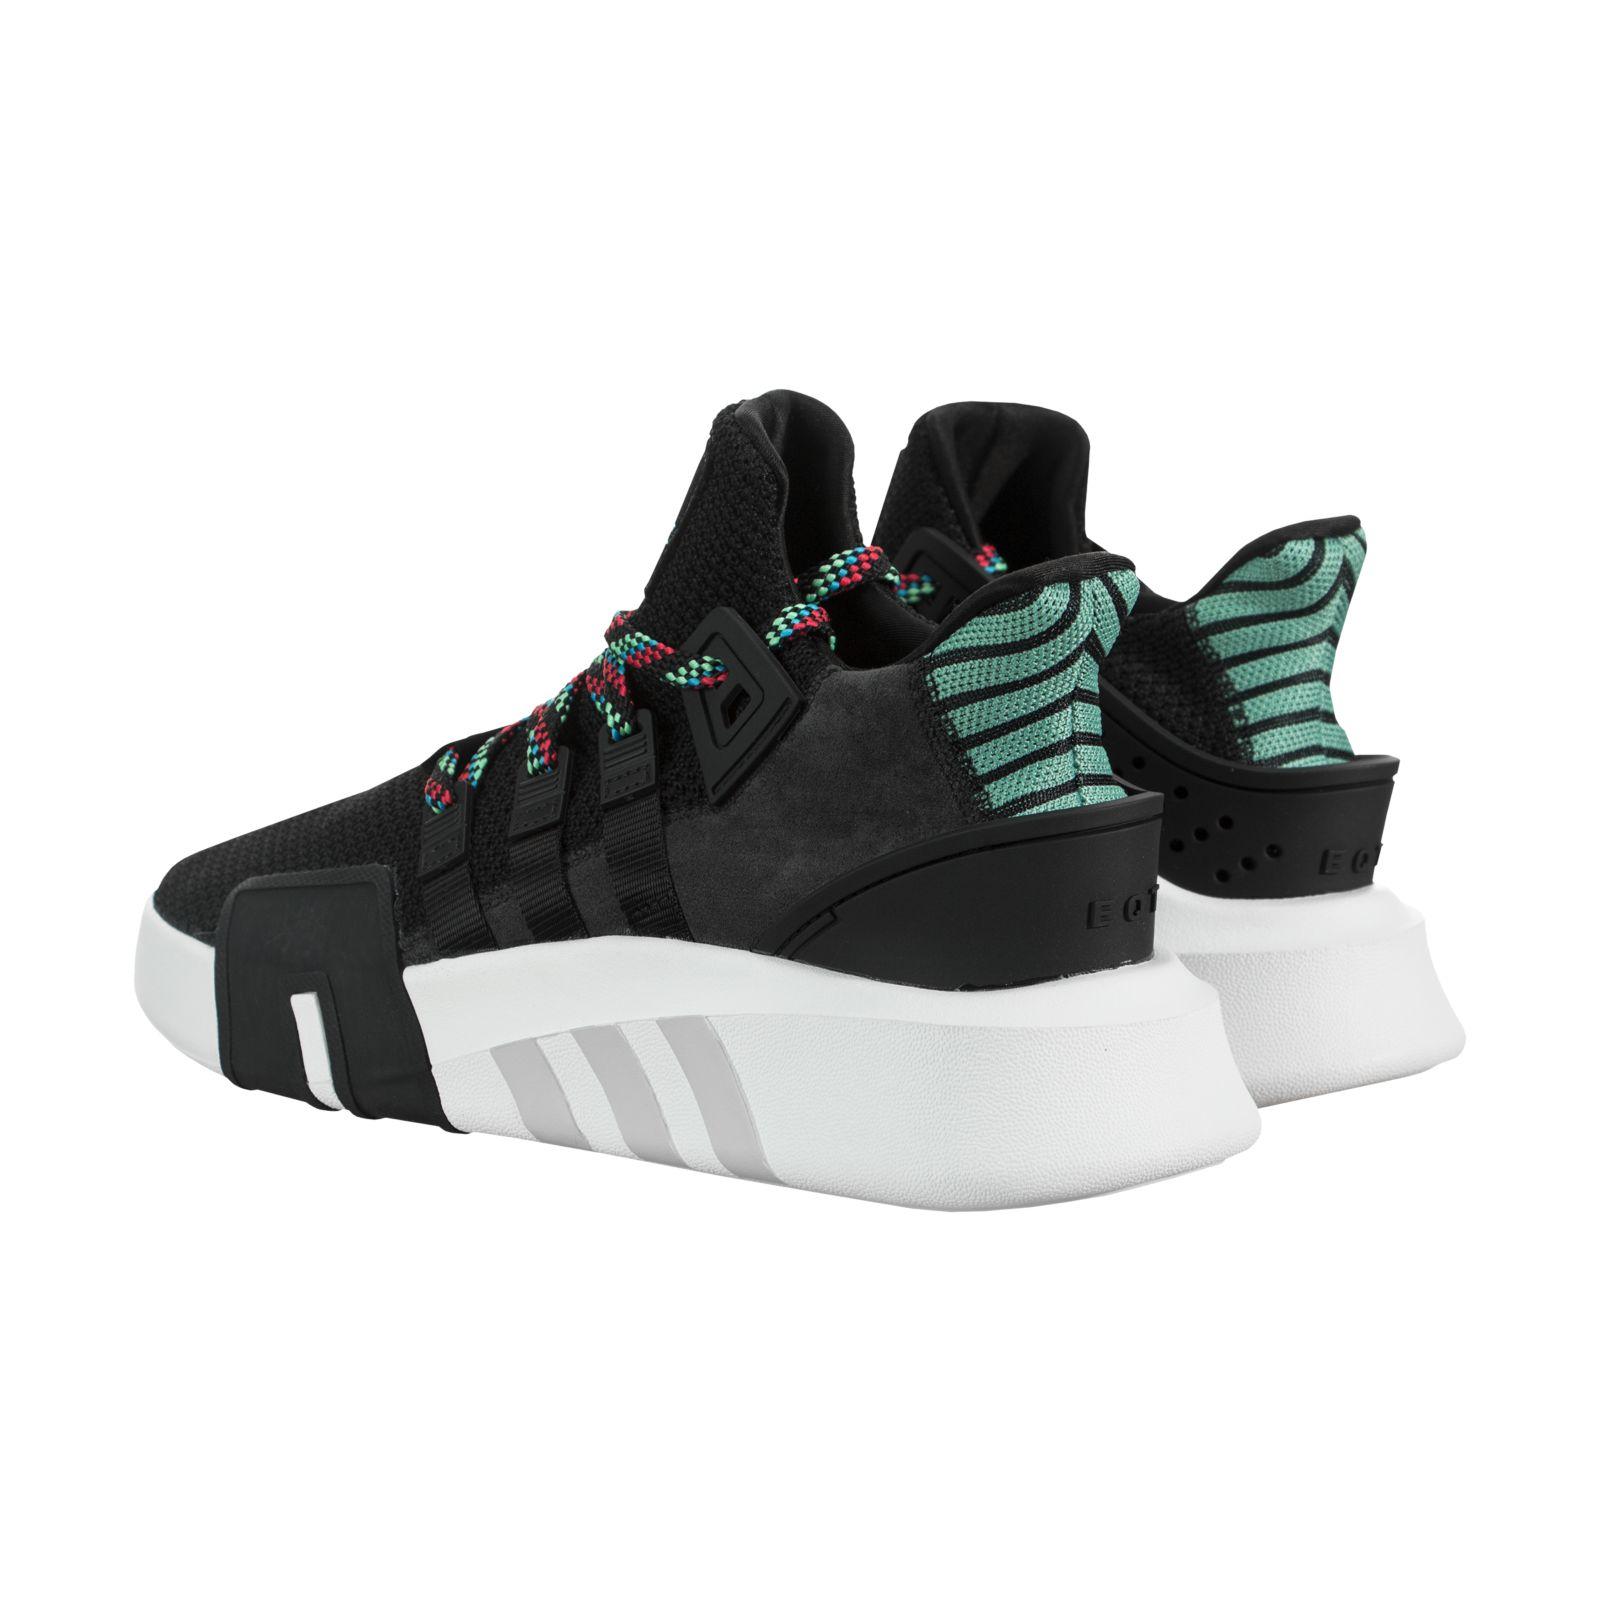 meet 9dd8a bce50 Adidas-EQT-Basketball-ADV-cq2993